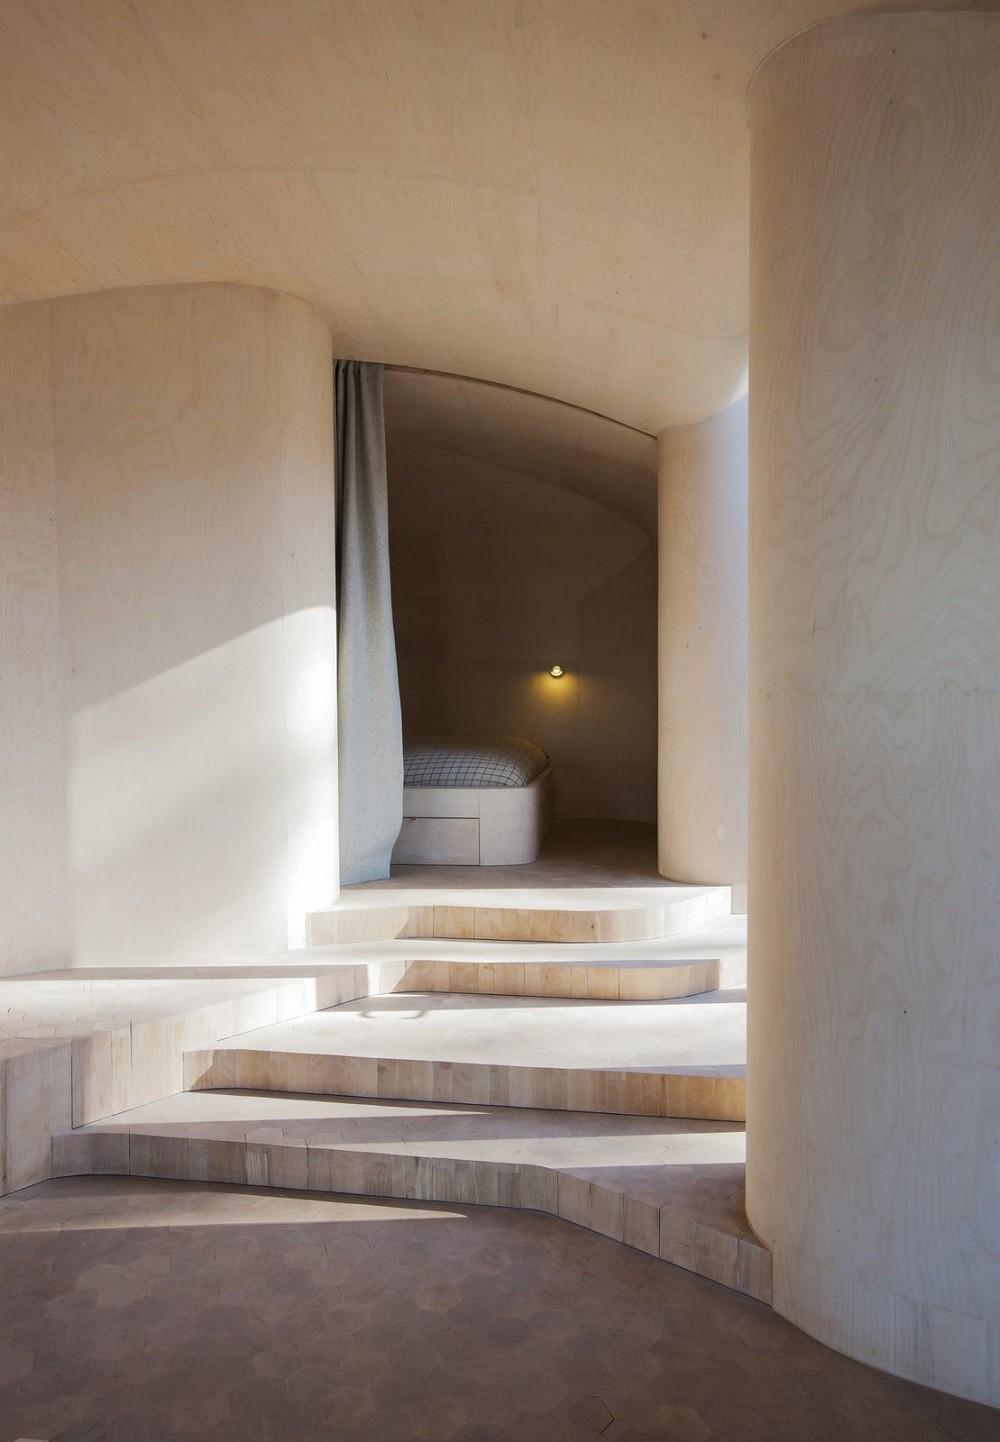 """10 thiết kế phòng ngủ dưới đây sẽ cho bạn thấy dù nhà bạn có chật thế nào, kiến trúc sư vẫn """"xơi tái"""" được hết - Ảnh 4."""